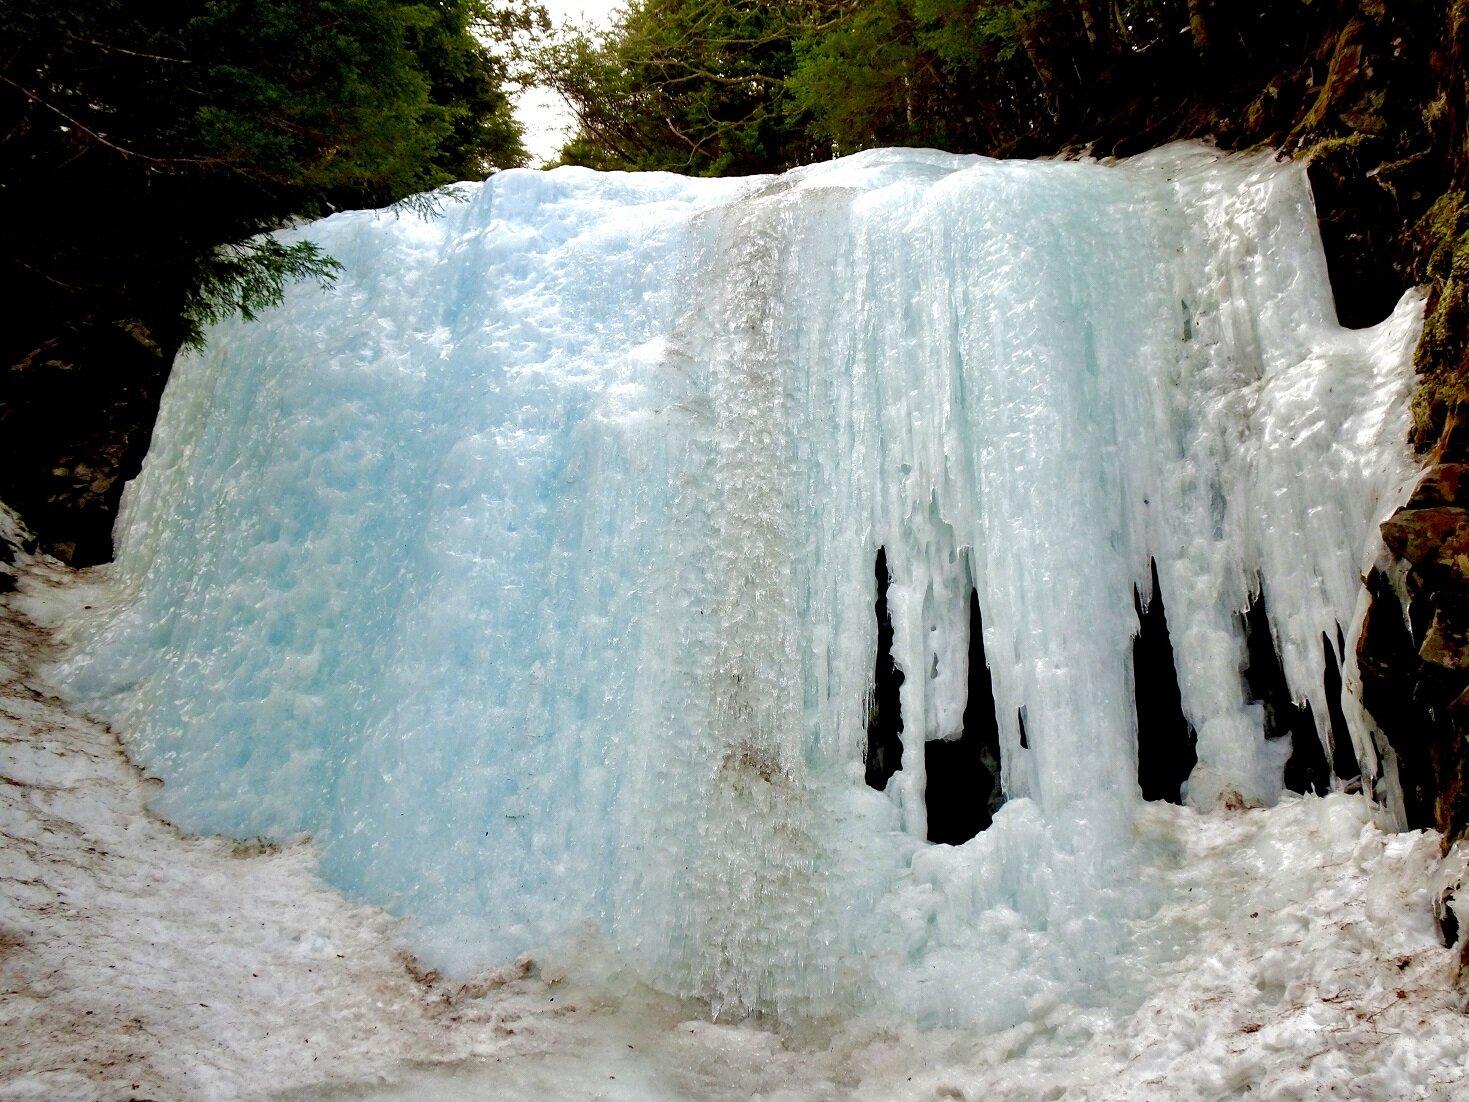 ブログ用写真氷瀑image2.jpg